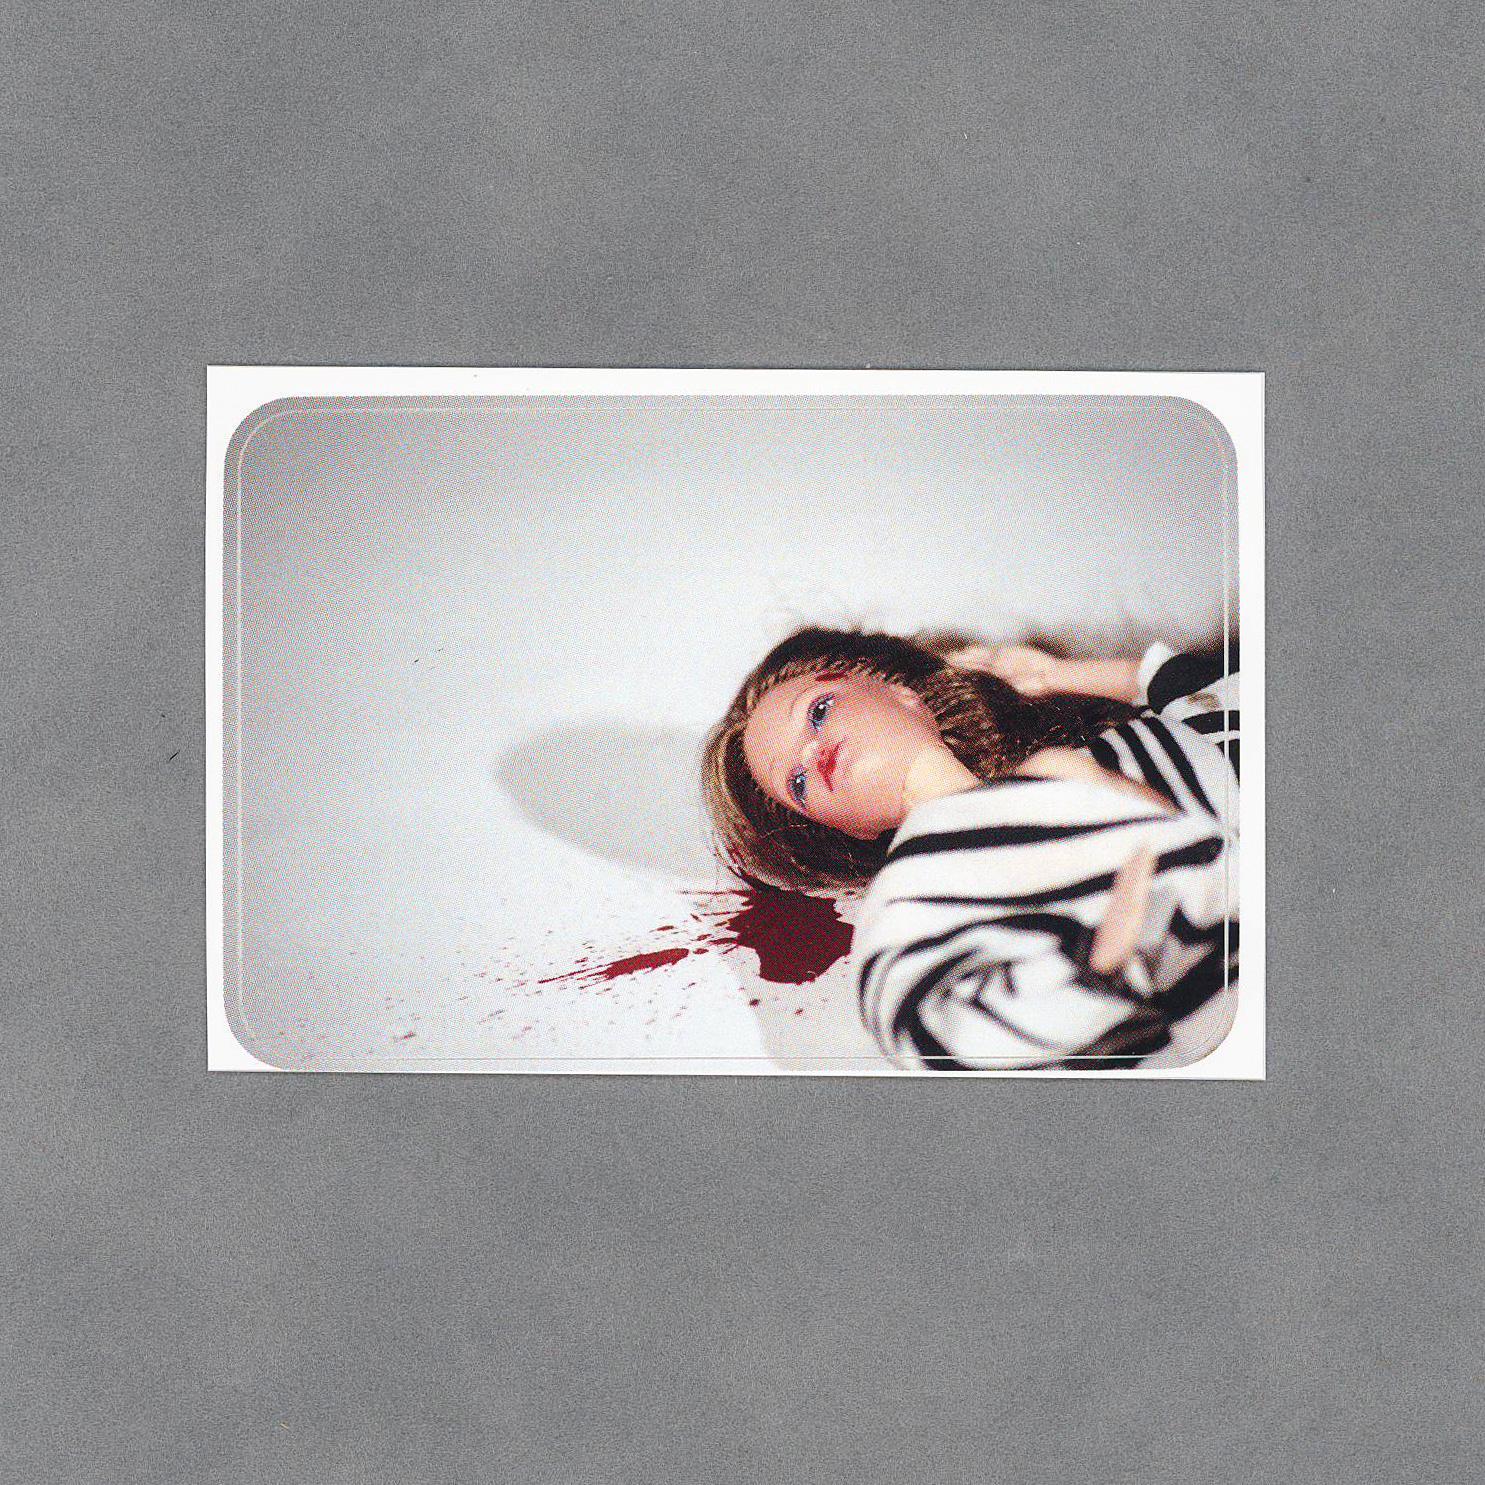 ST016BMGS1_BarbieMurdersGunshot01Sticker_ByWildeDesigns01